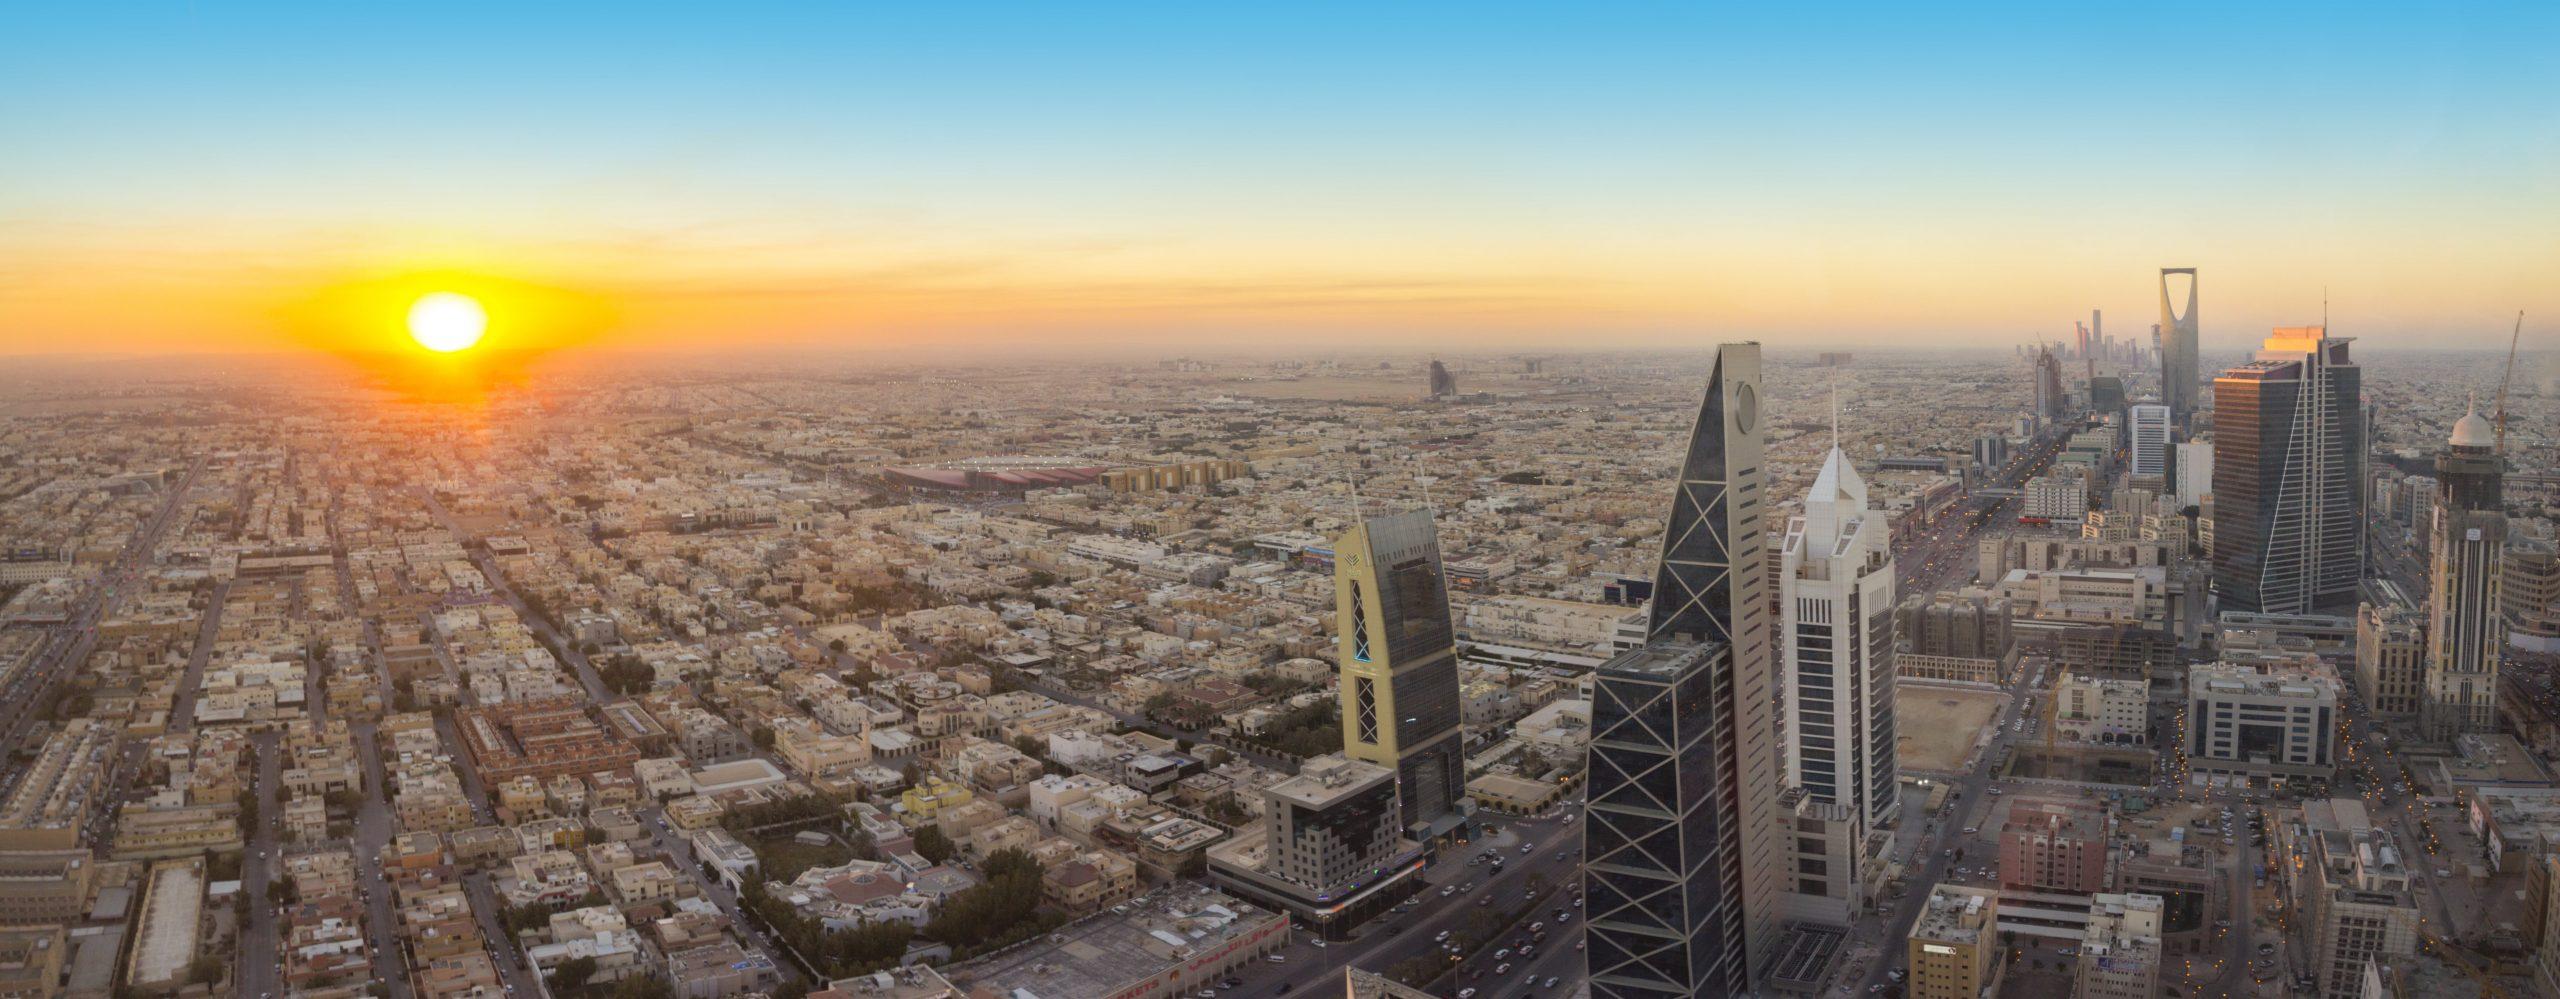 L'Arabie Saoudite, terre de pétrole… et d'ingénieurs